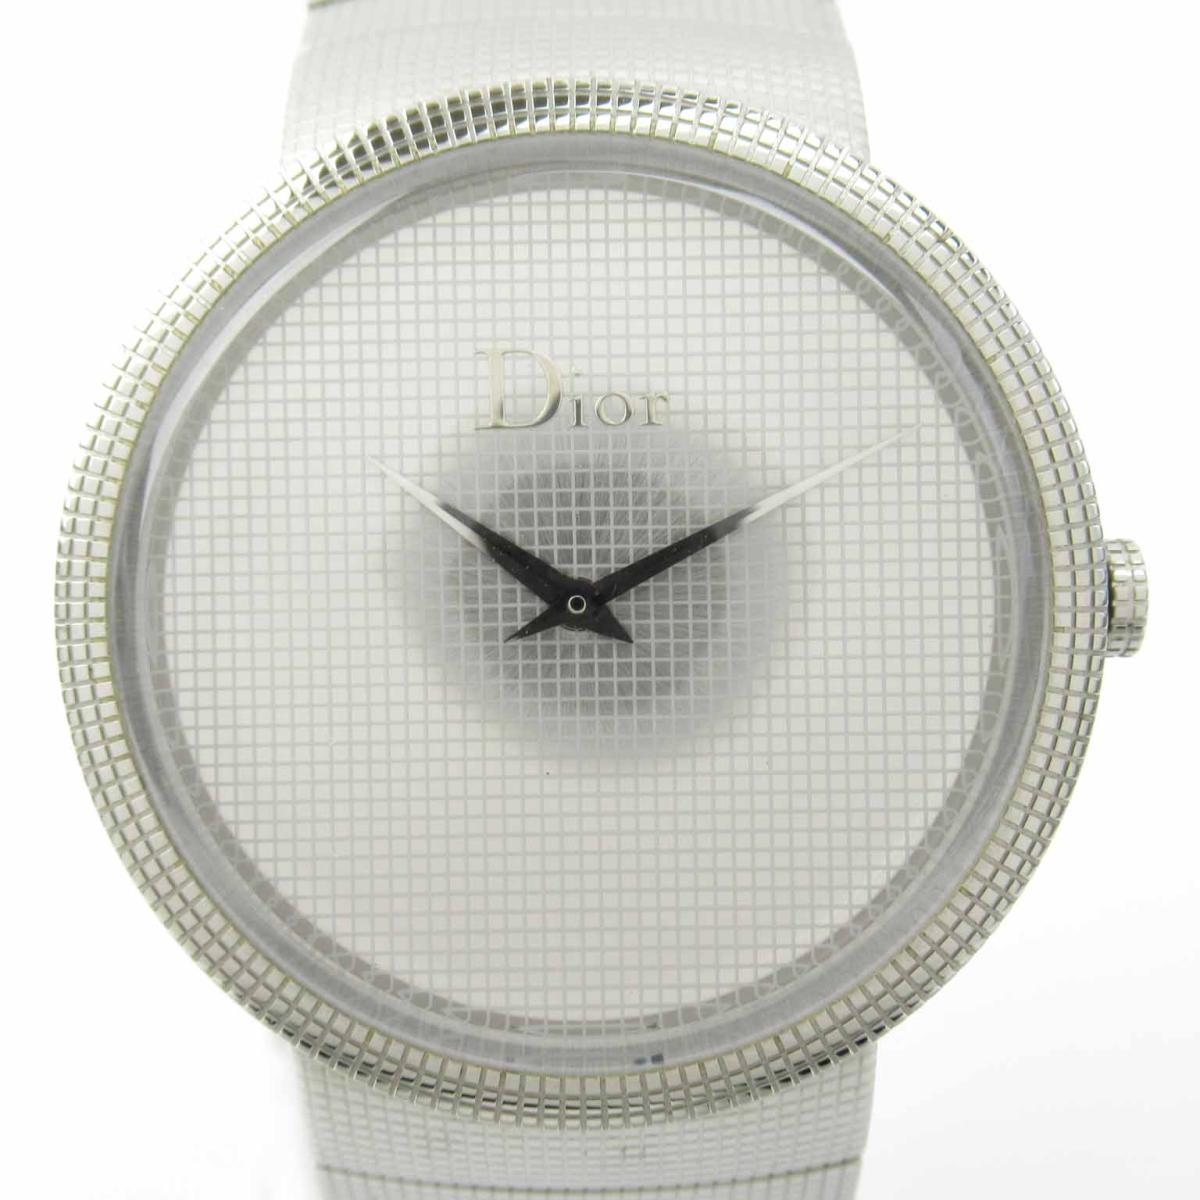 ≪期間限定≫メルマガ登録でクーポンGET! 【中古】 クリスチャン・ディオール ミラー ウォッチ 腕時計 レディース ステンレススチール (SS) (CD043110M001)   Dior BRANDOFF ブランドオフ ブランド ブランド時計 ブランド腕時計 時計